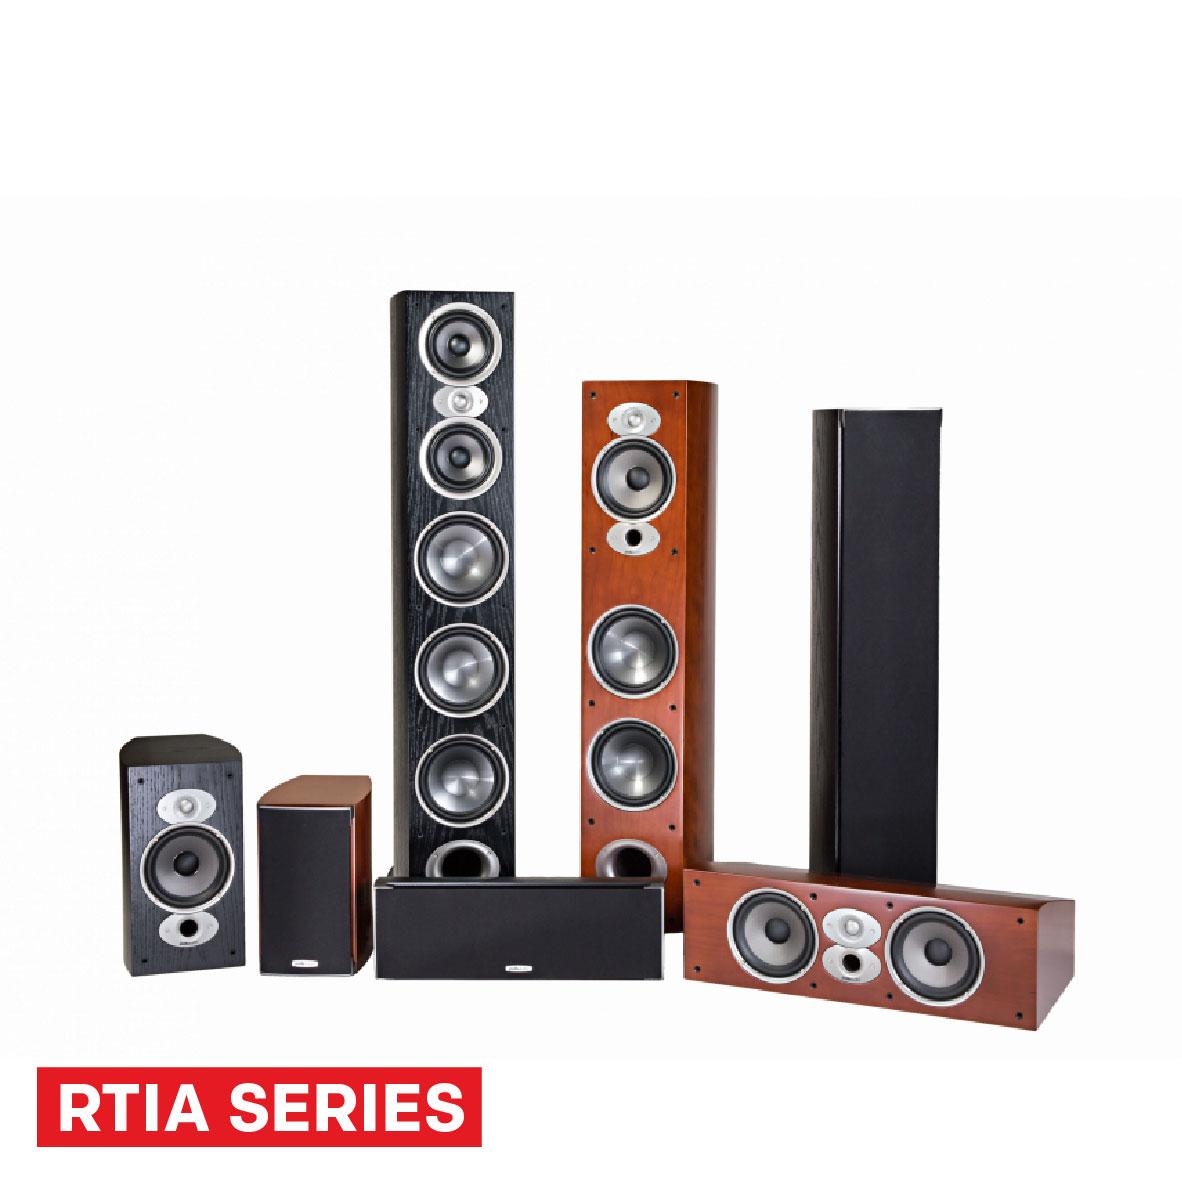 Polk Audio RTiA Series Đông Thành - Hòa phúc